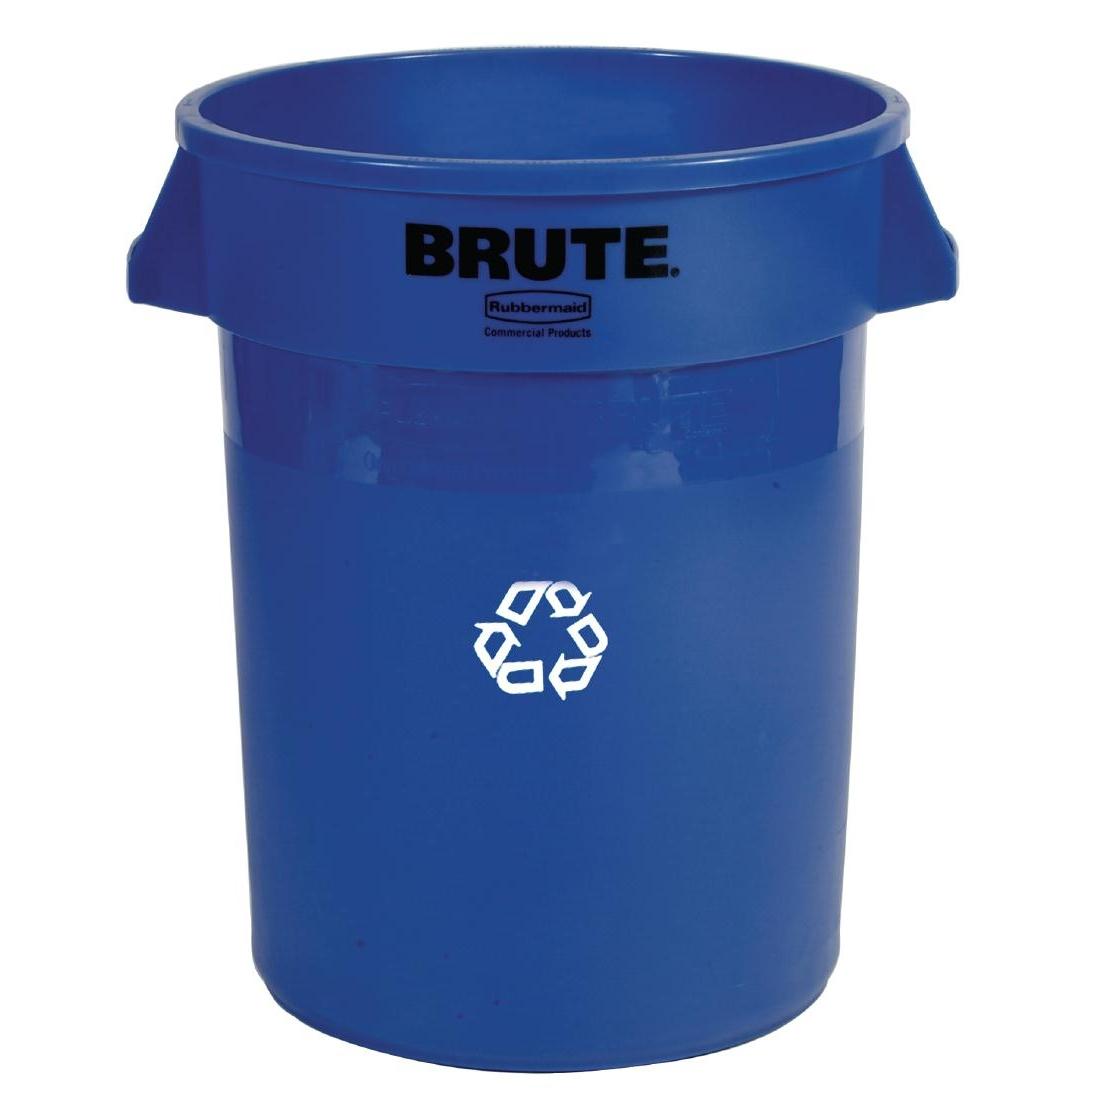 Conteneur Brute Rubbermaid 121L rond bleu avec pictogramme de tri sélectif